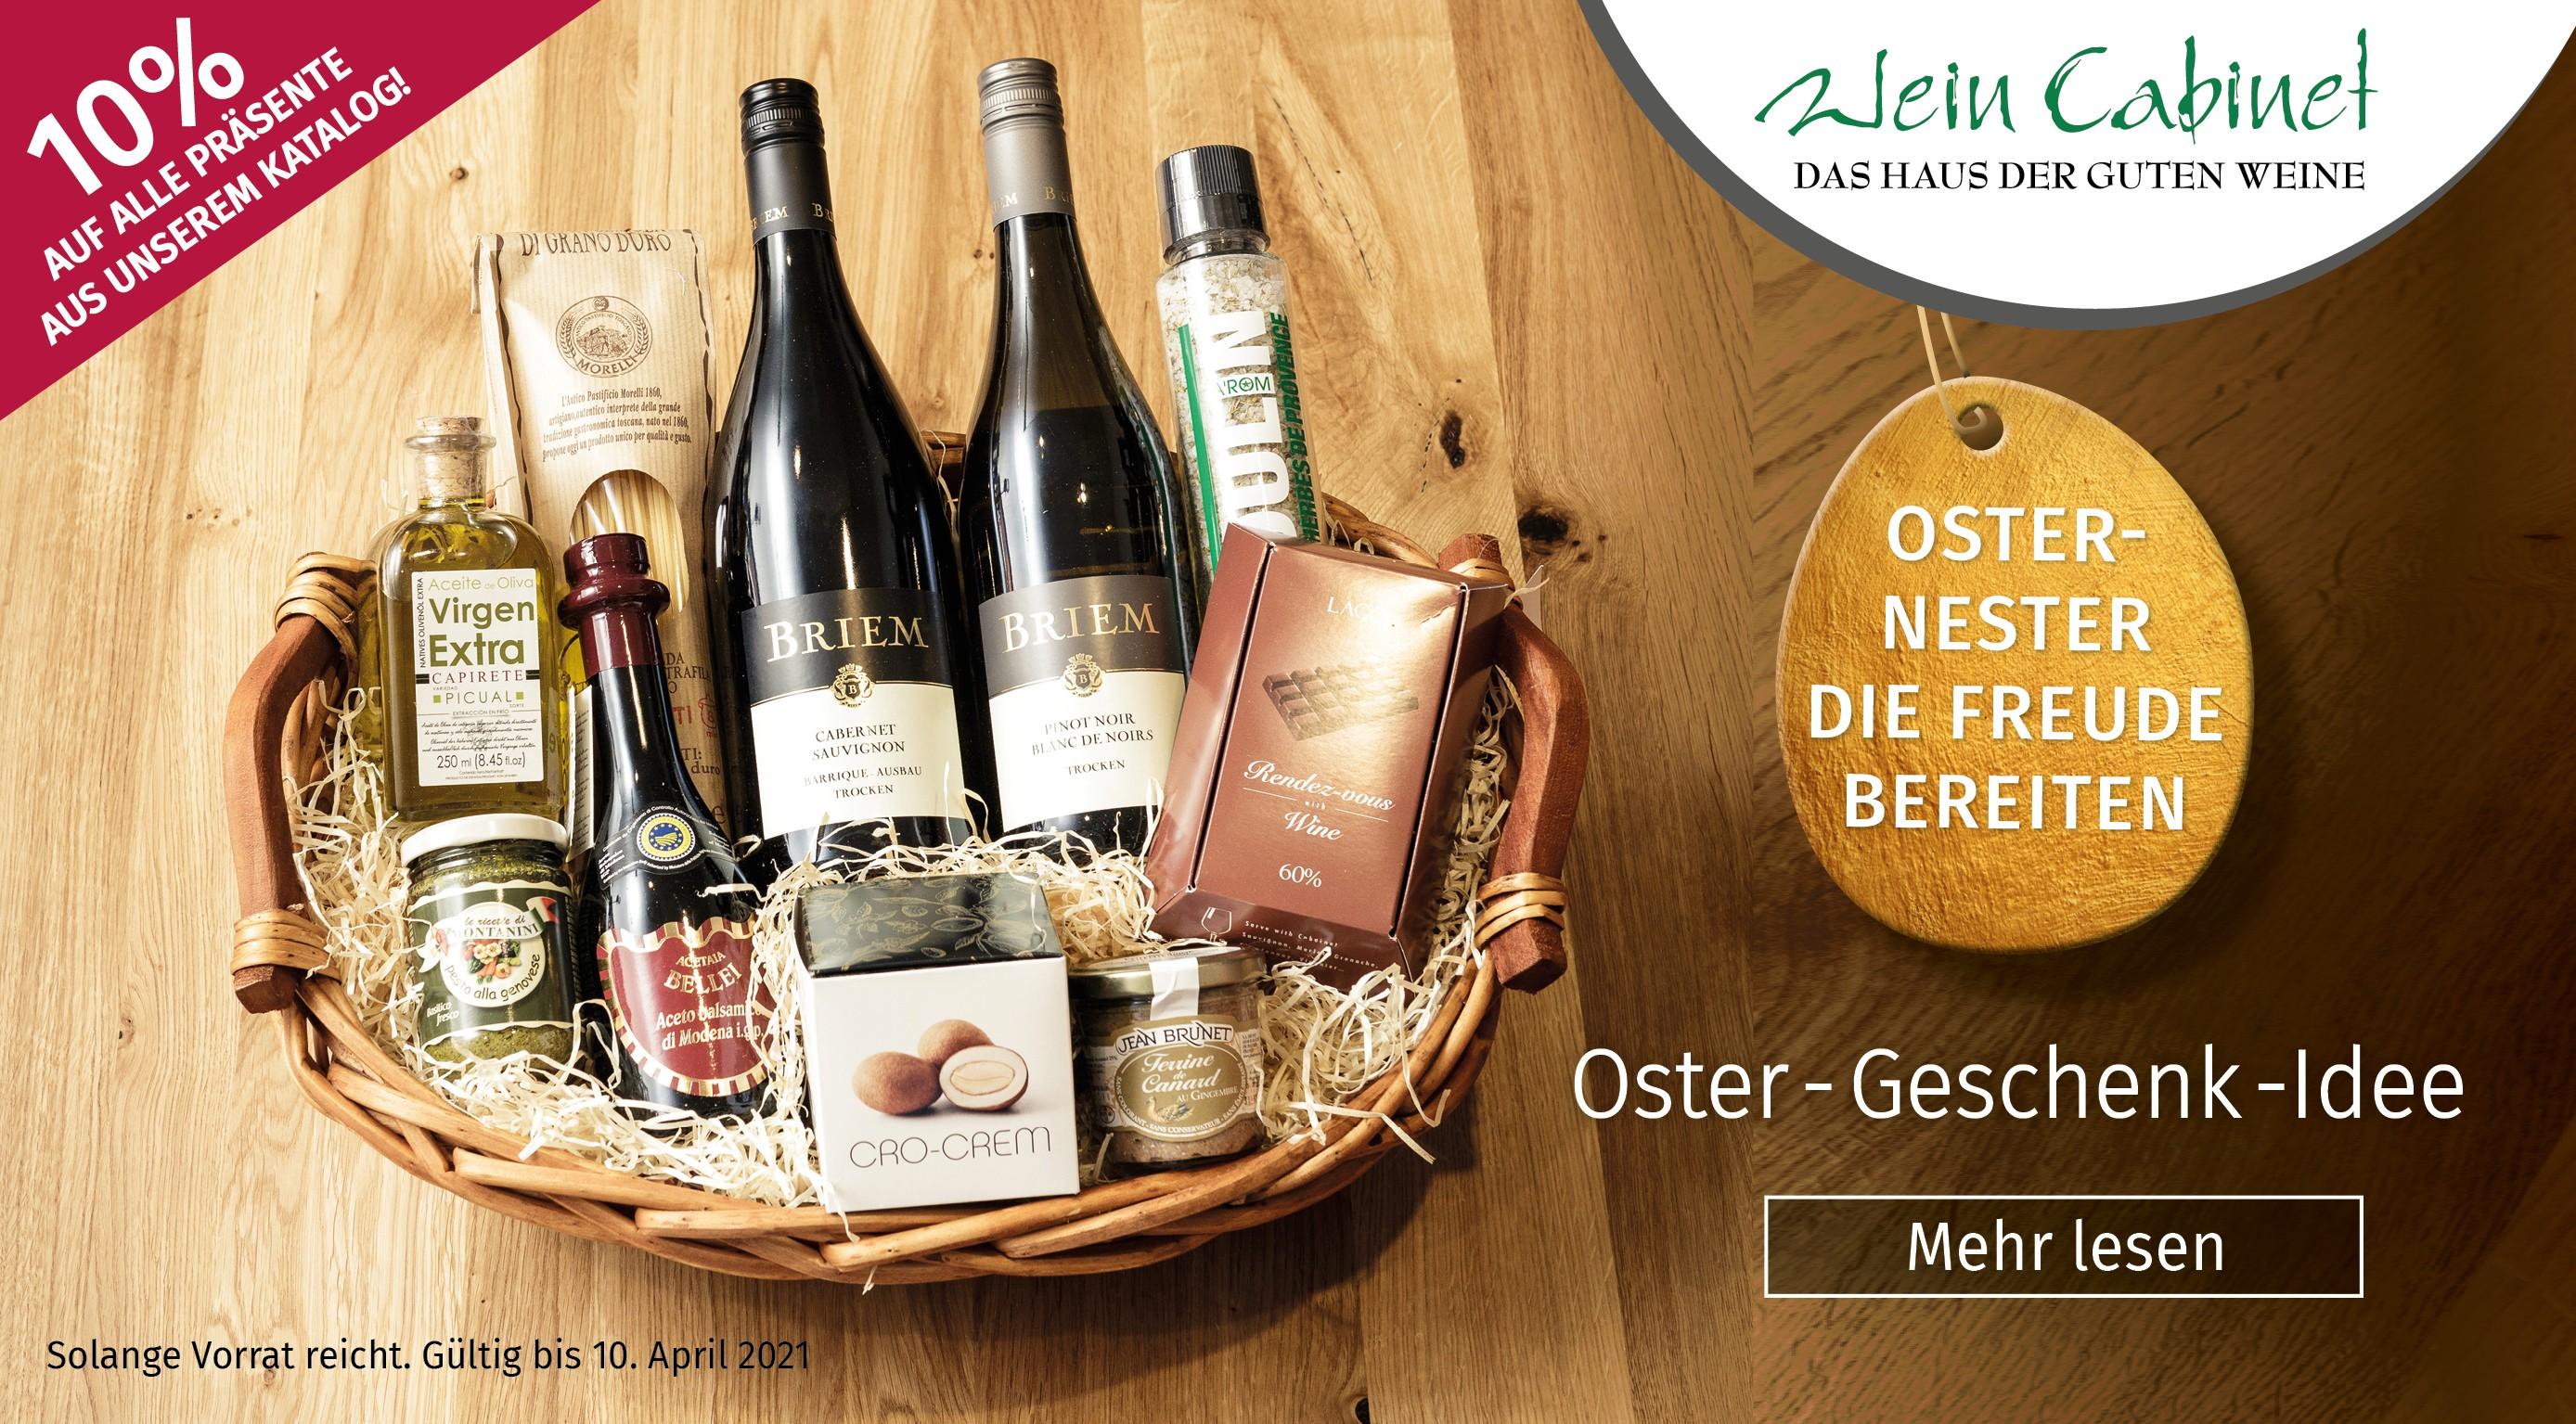 Osterrabatt auf Briemweine, Ostergeschenk-Ideen